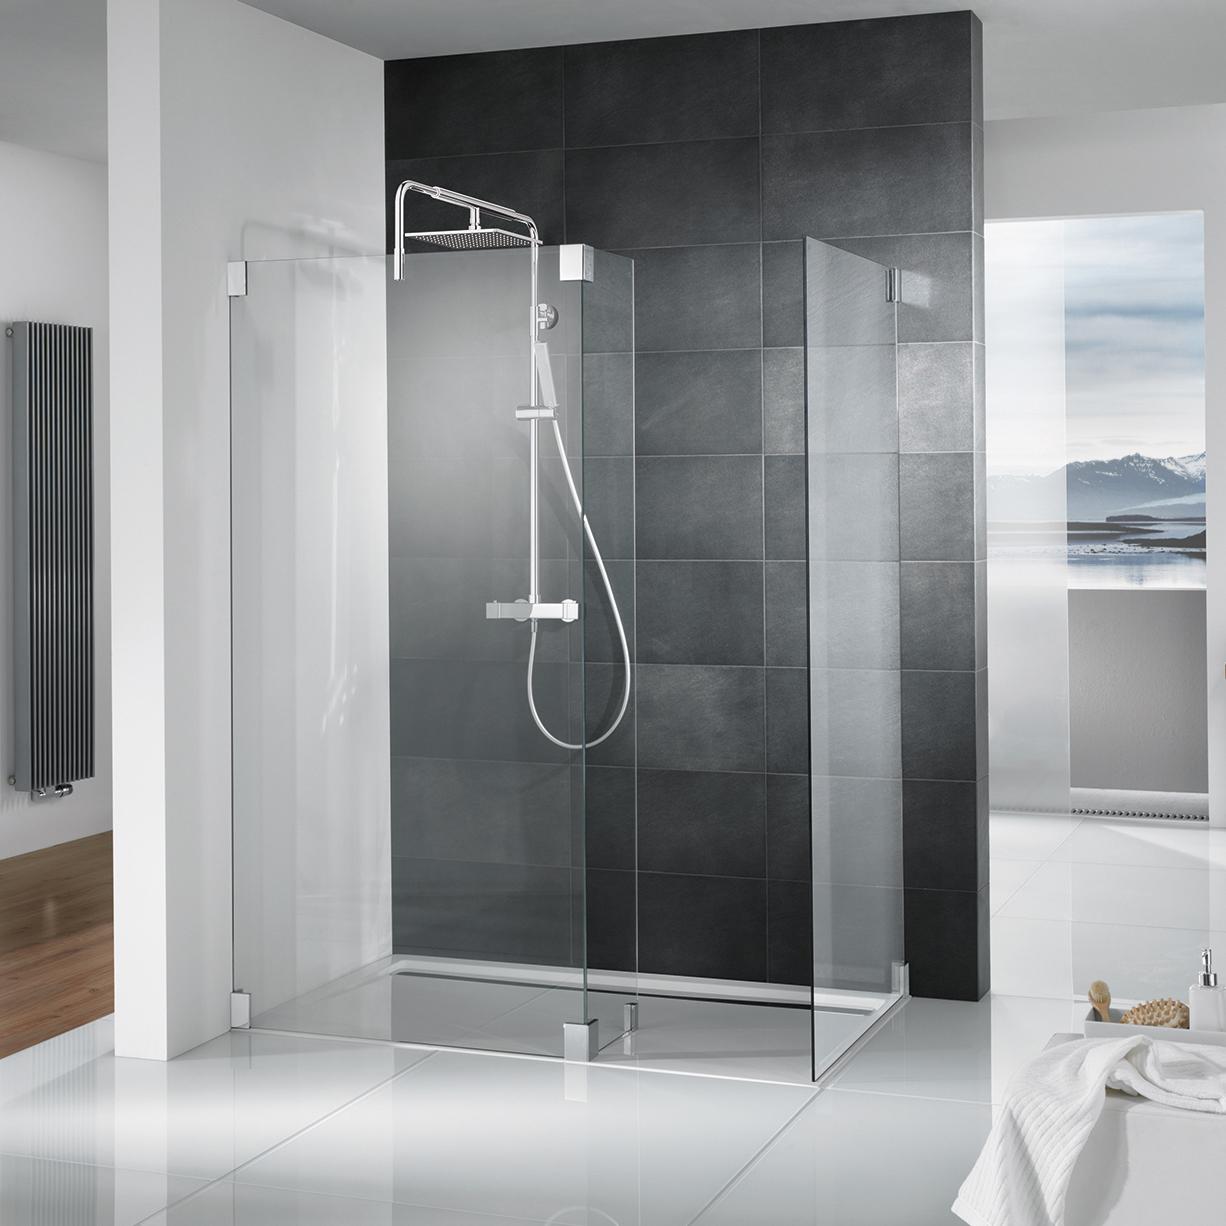 Full Size of Glasduschen Und Bodengleiche Duschen Dusche Nachträglich Einbauen Walkin Sprinz Haltegriff Moderne Glaswand Eckeinstieg Begehbare Fliesen Bodenebene Unterputz Dusche Bodenebene Dusche